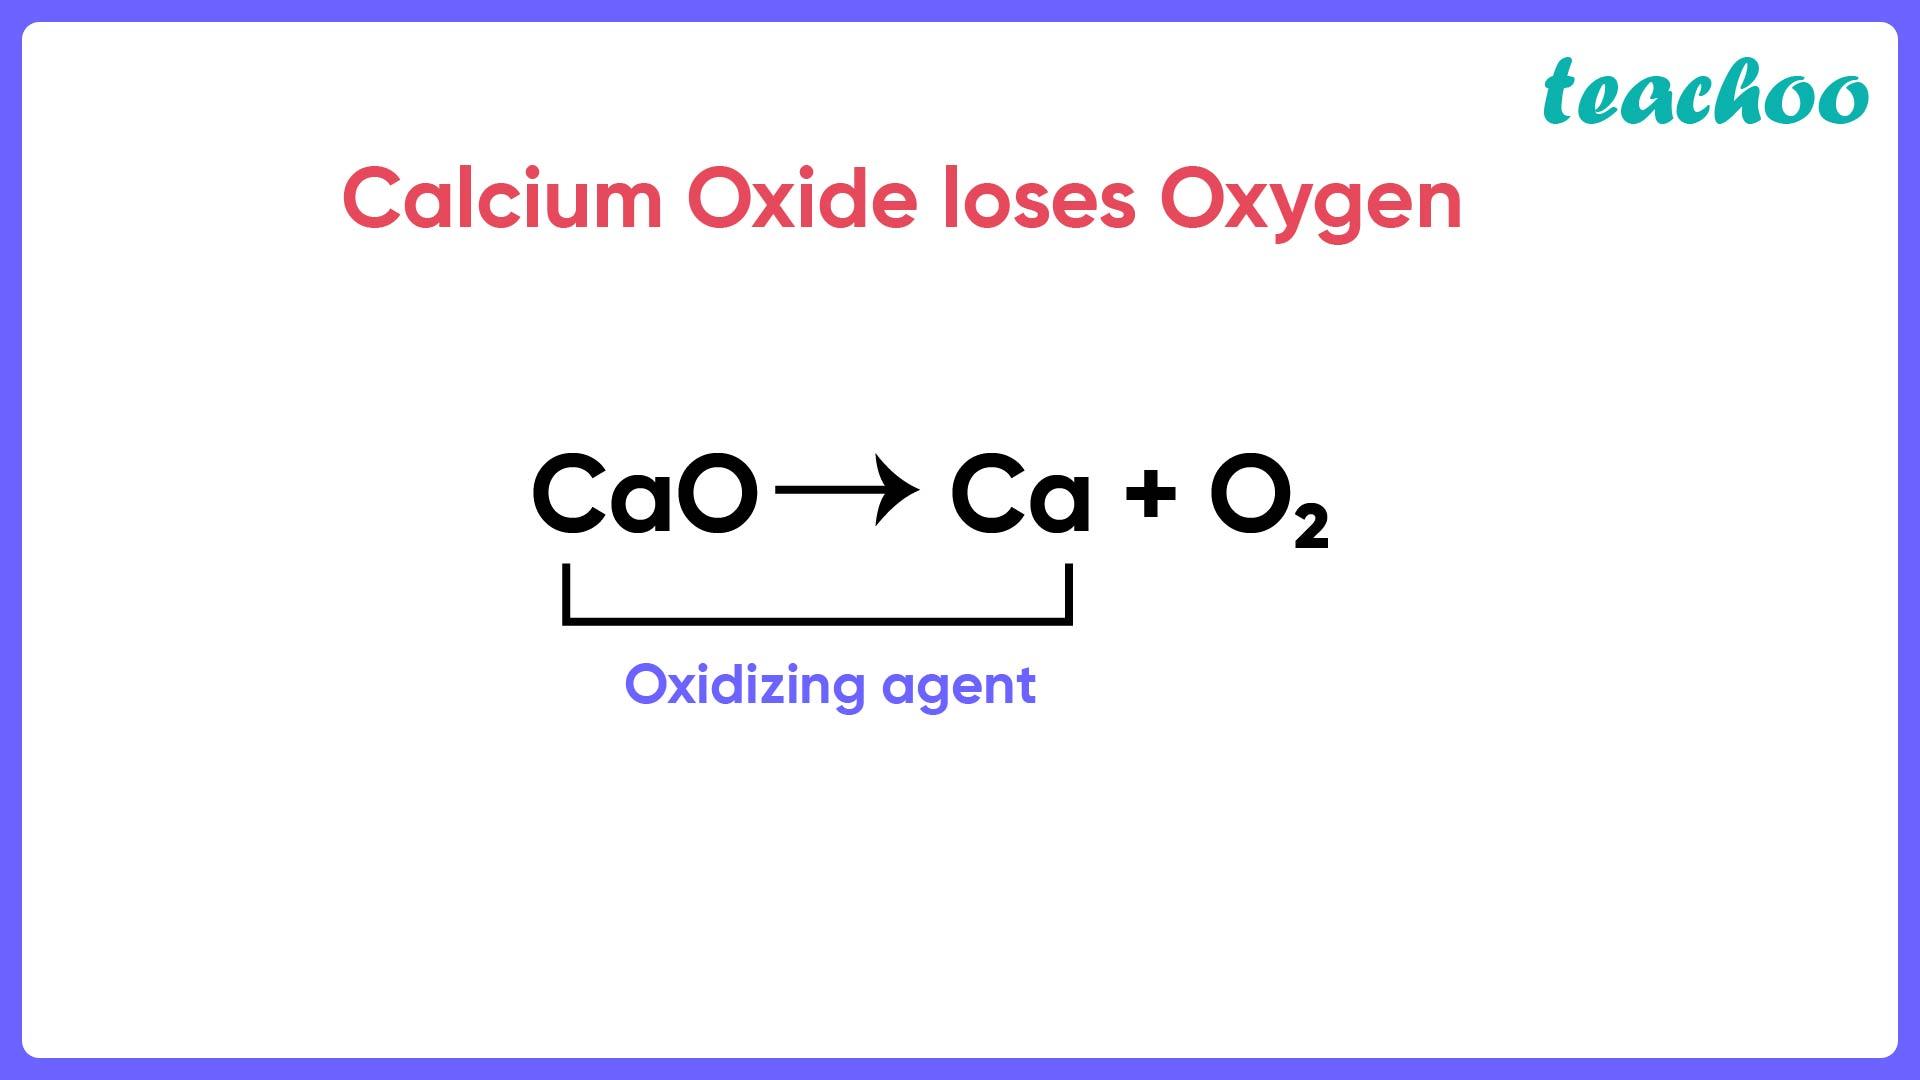 Calcium Oxide loses Oxygen-Teachoo.jpg